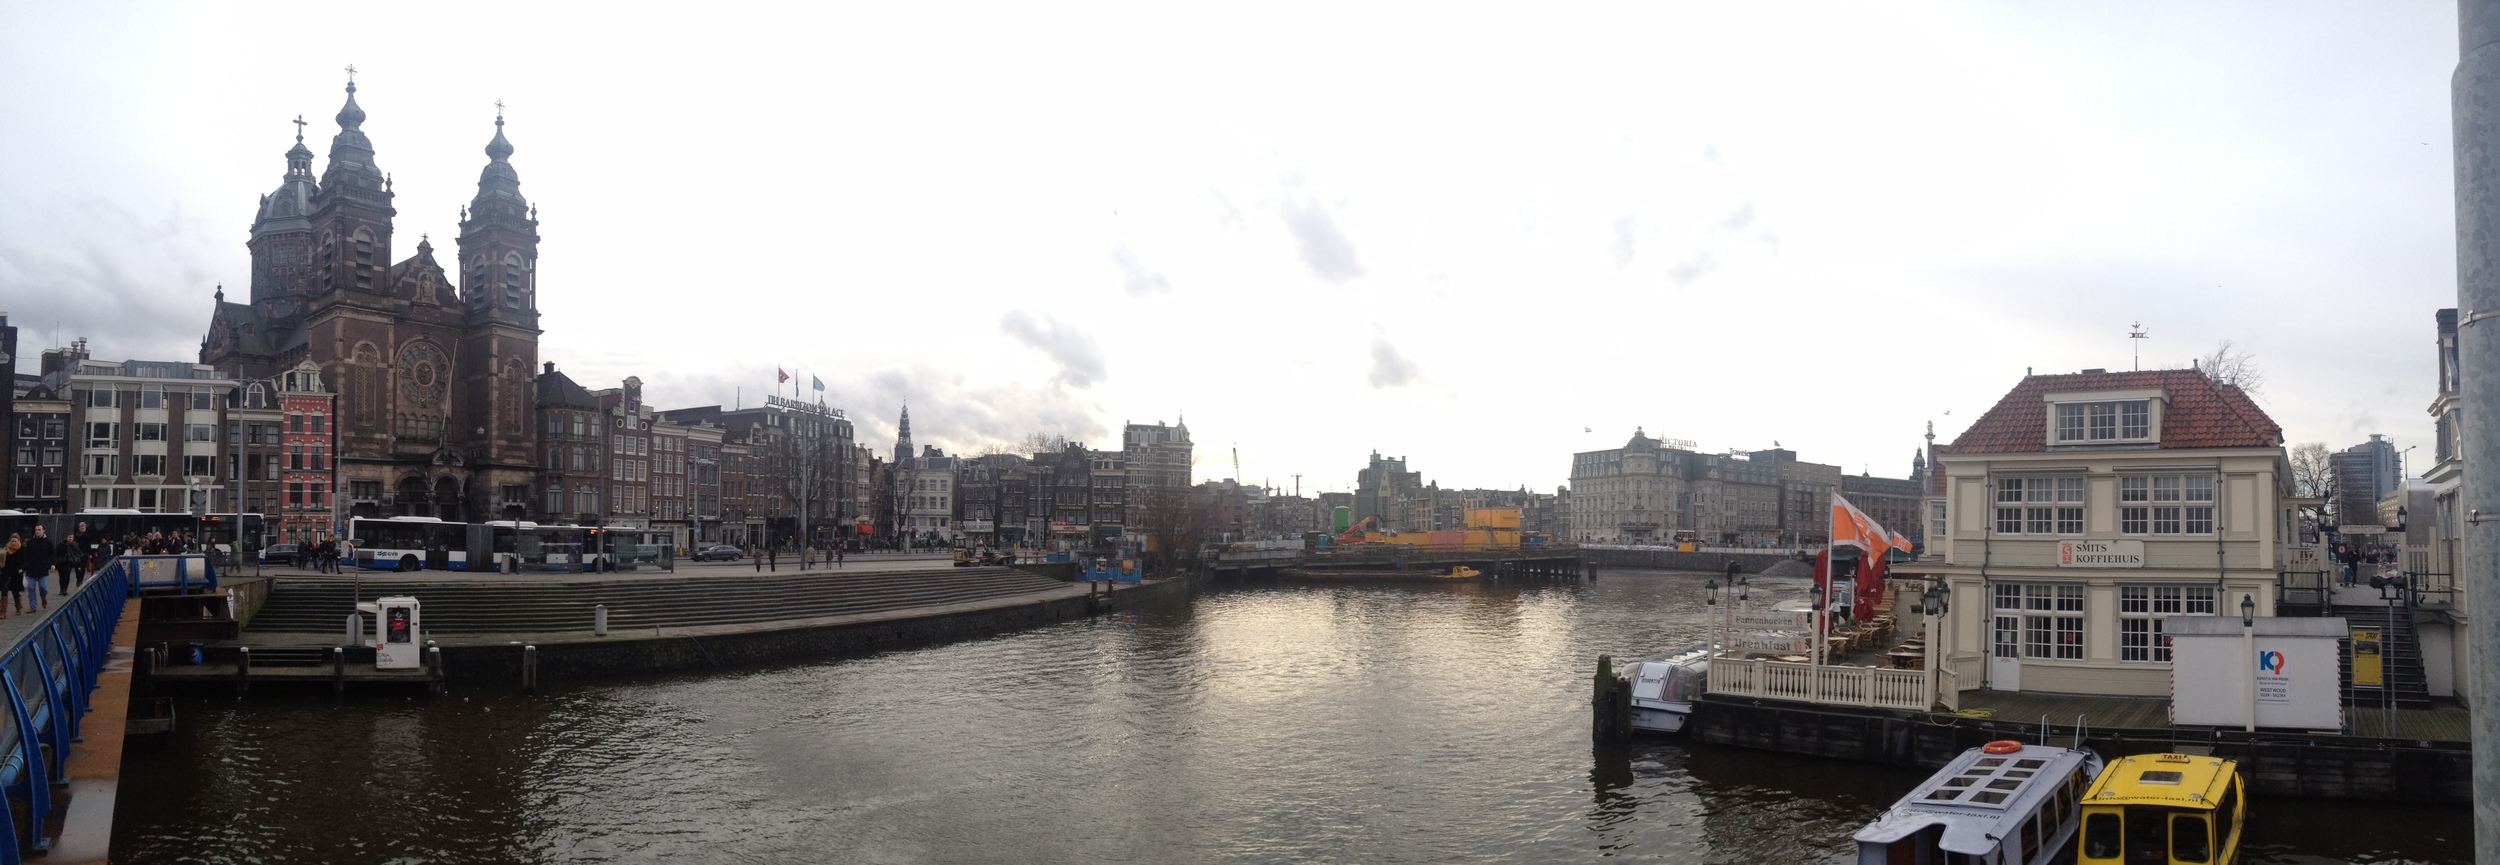 Unedited_Amsterdam_Jvierephoto